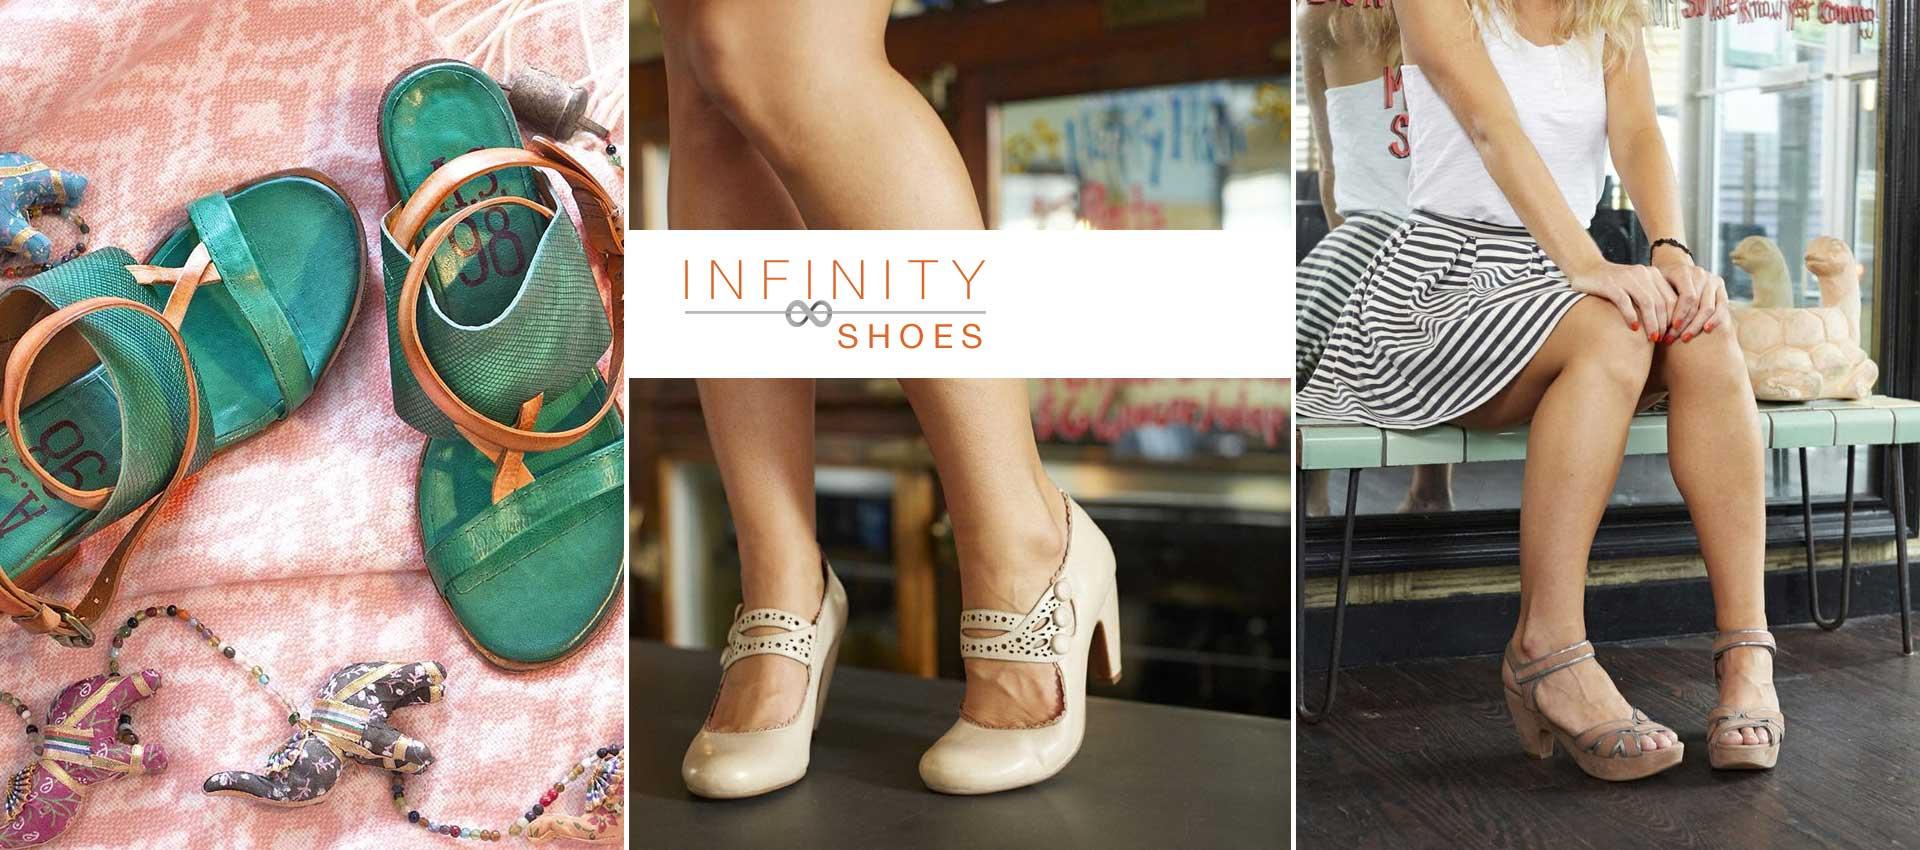 Thông tin tổng quan, khó khăn và kết quả đạt được của dự án Infinity Shoes